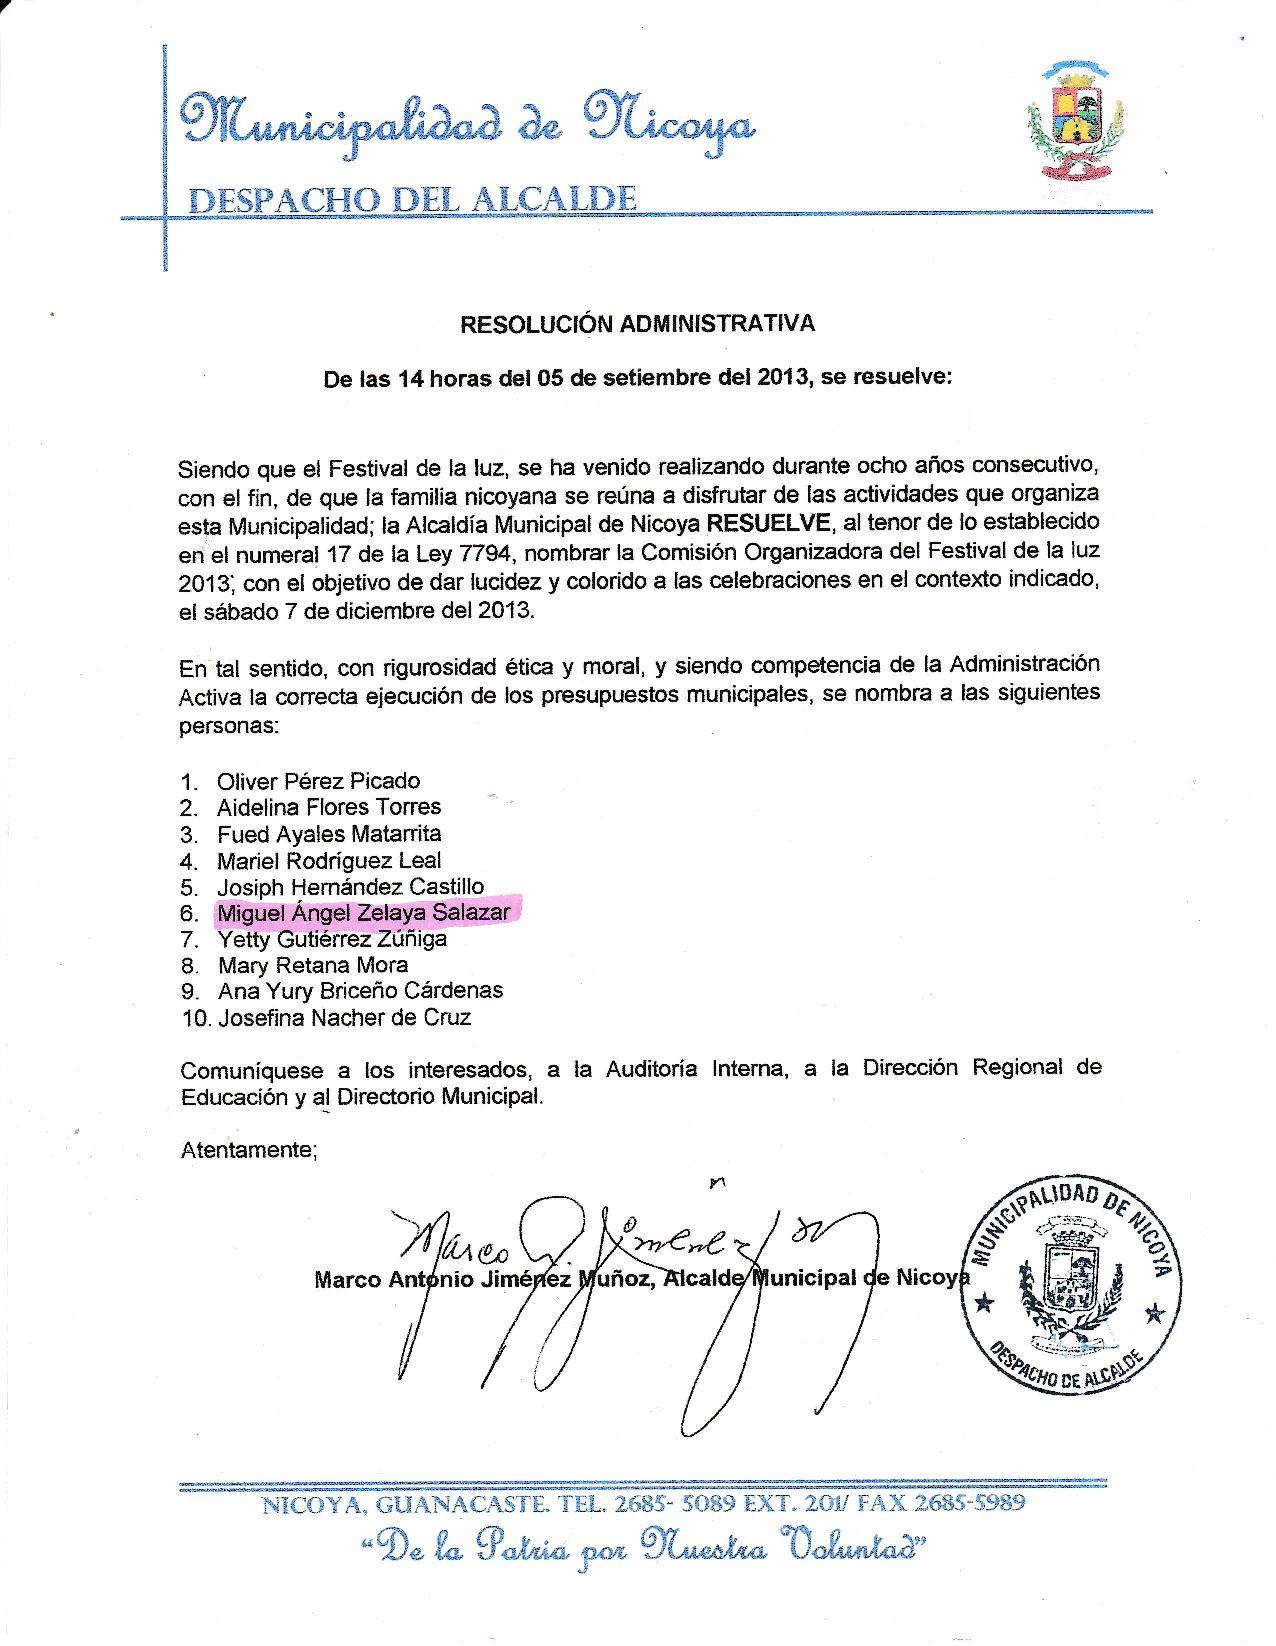 [Audio] Municipalidad de Nicoya nombra comisión organizadora, para el Festival de la Luz 2013